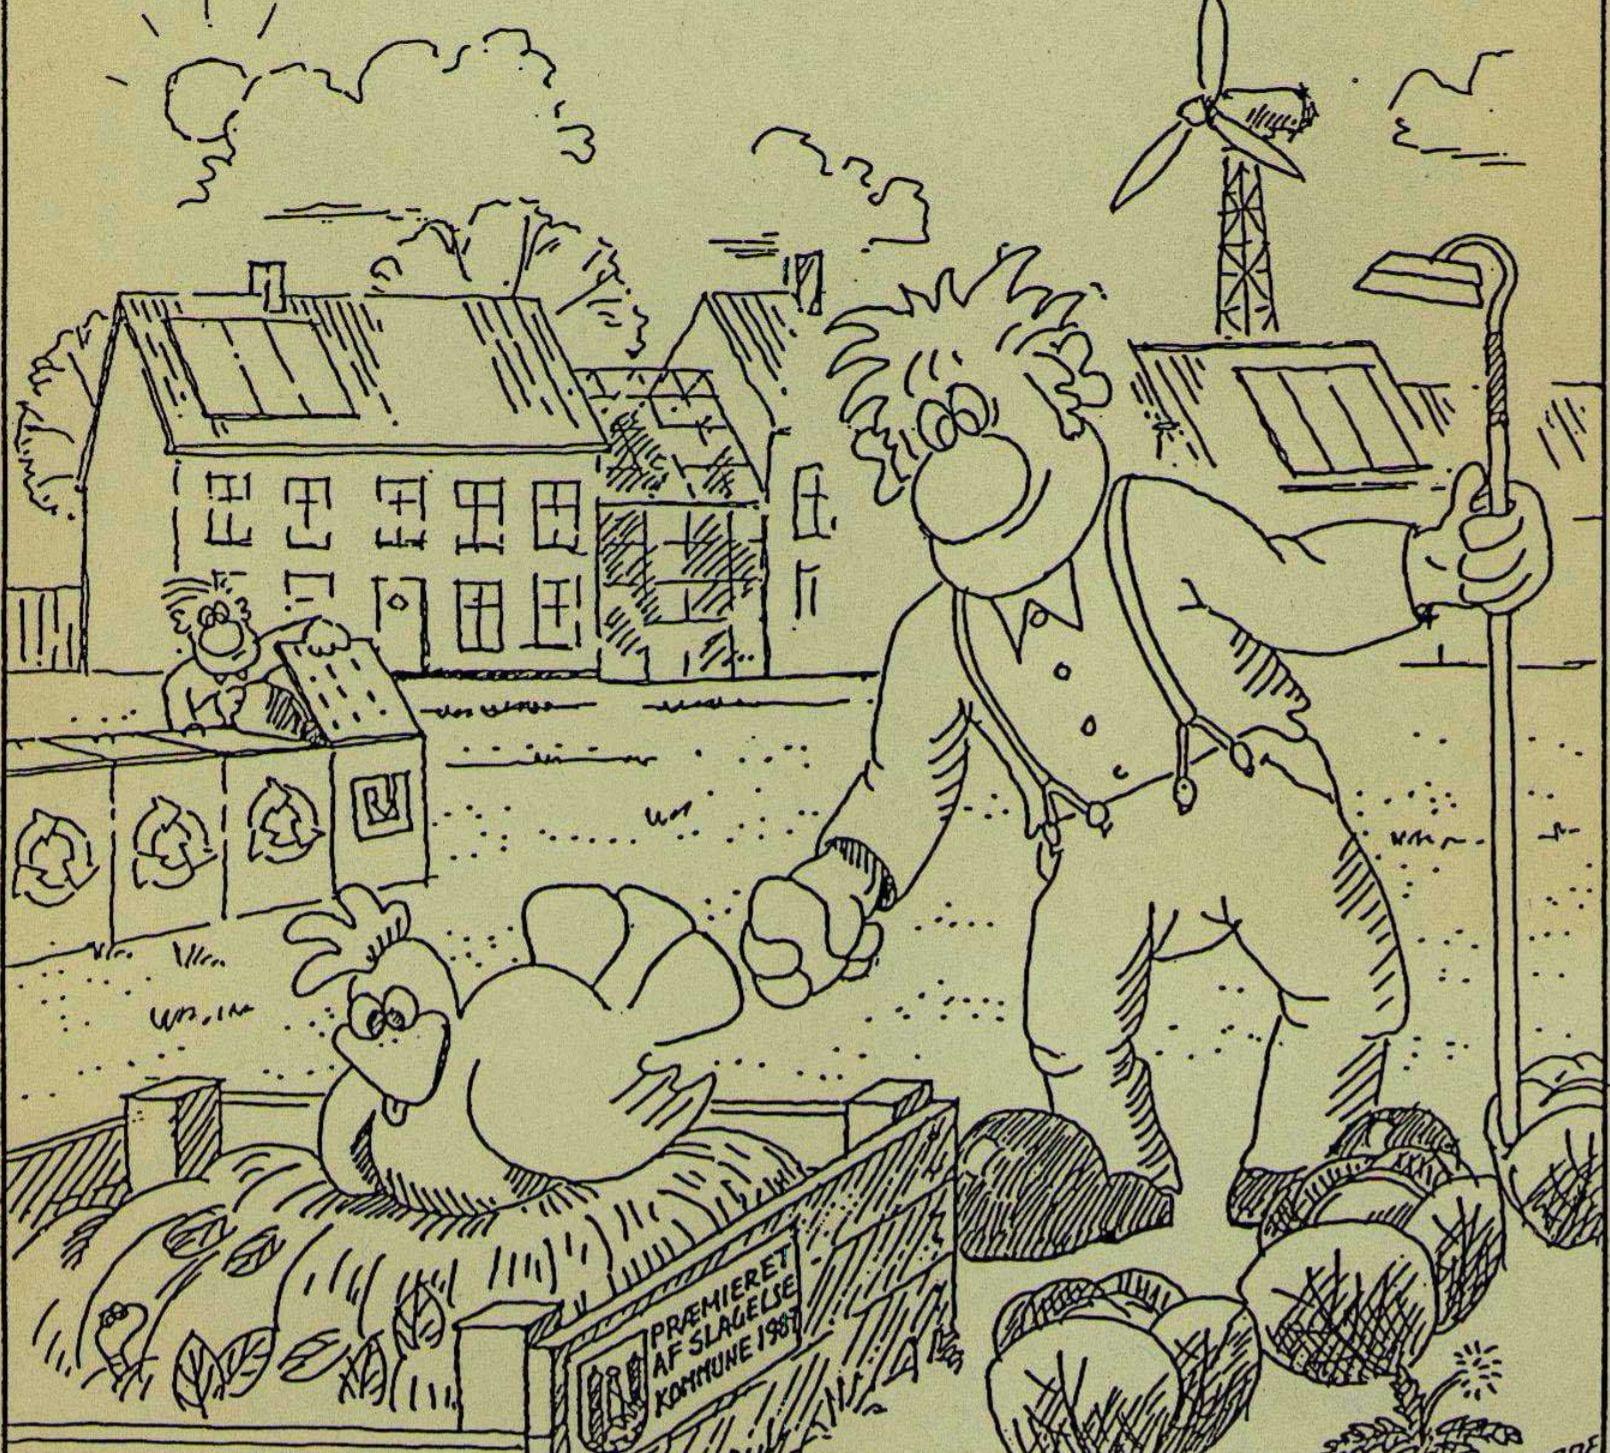 Illustration fra forsiden af rapporten om Grøn By i Slagelse og håbet for den grønne udvikling.